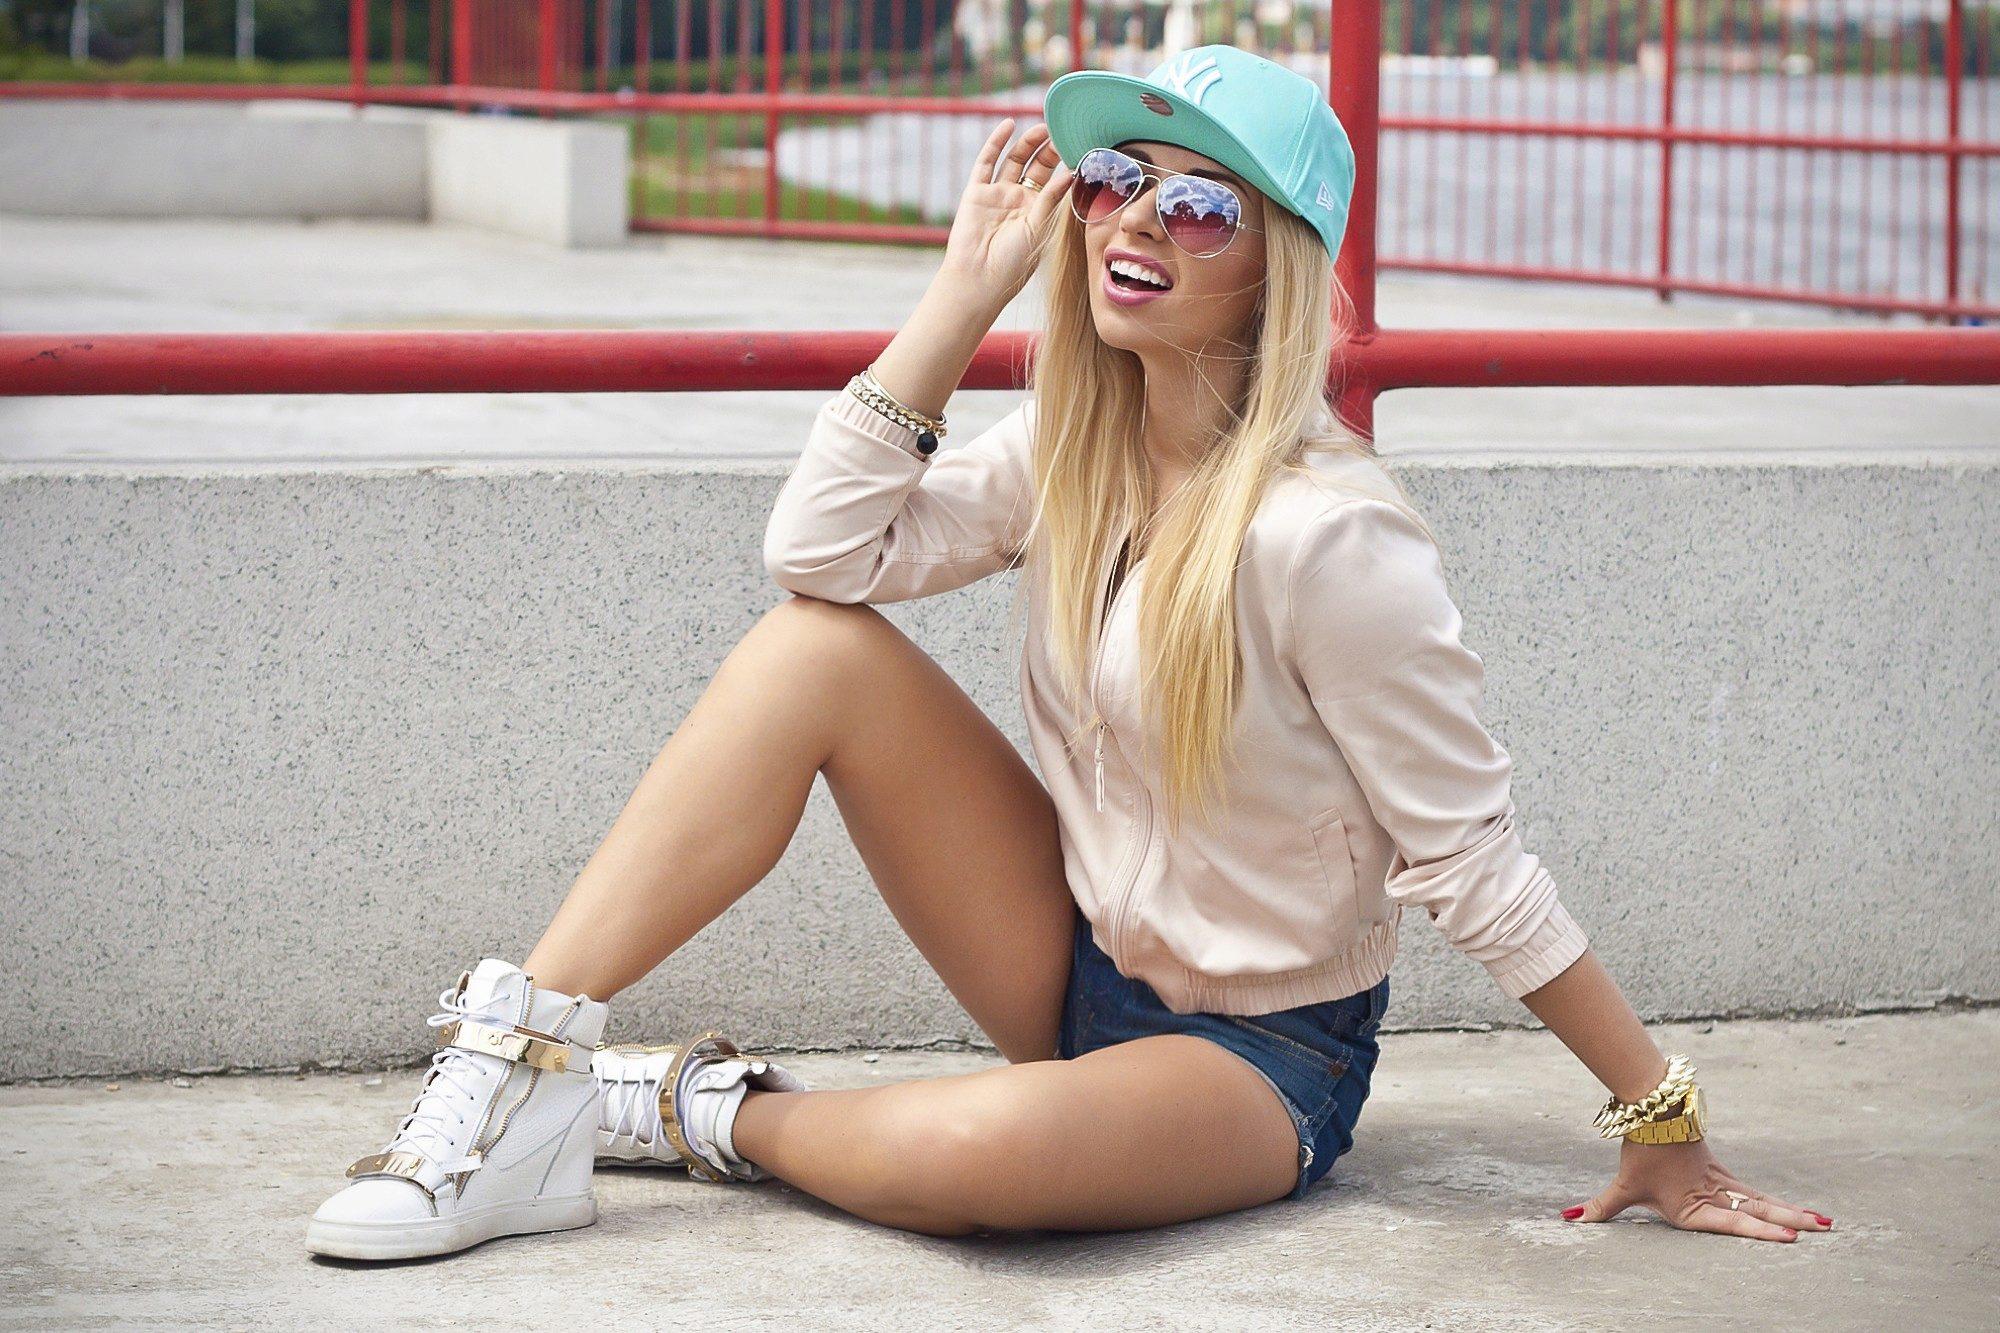 Крутые девушки картинки и фото в мире блондинки